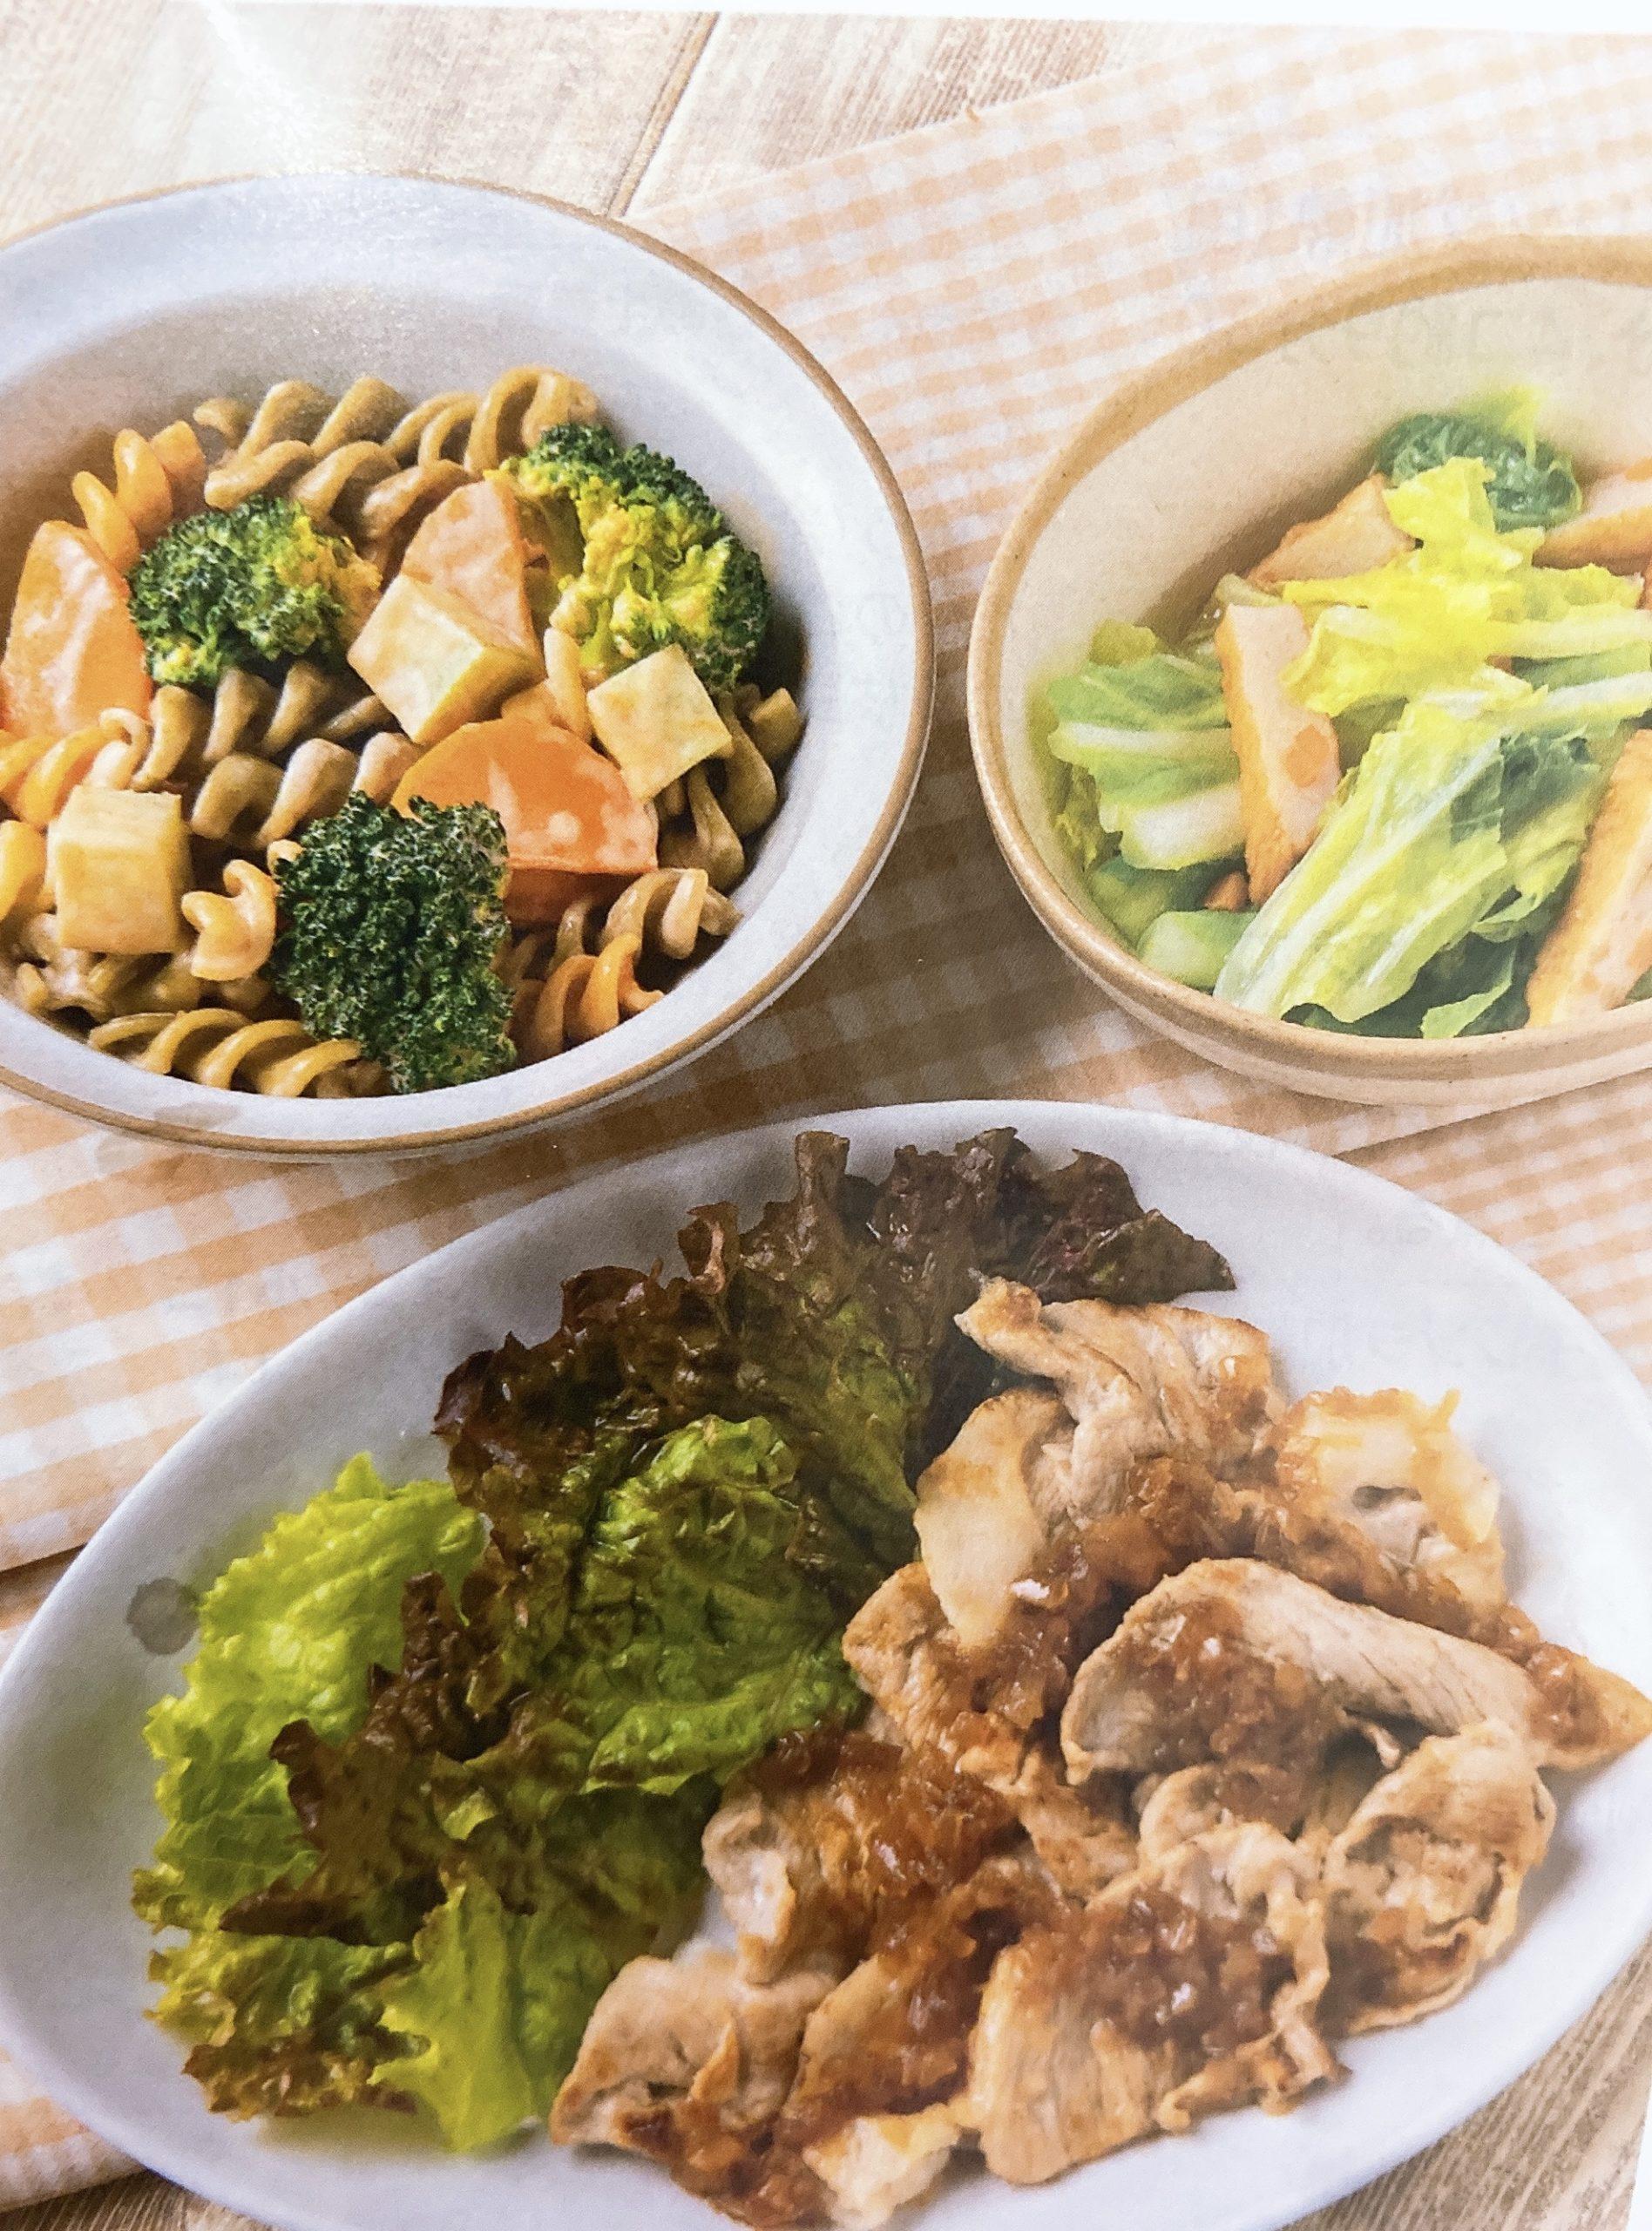 ヨシケイ バランス400(3/3の)豚肉の玉葱ソースと副食ブロッコリーのマカロニサラダ・五目揚げの薄味煮